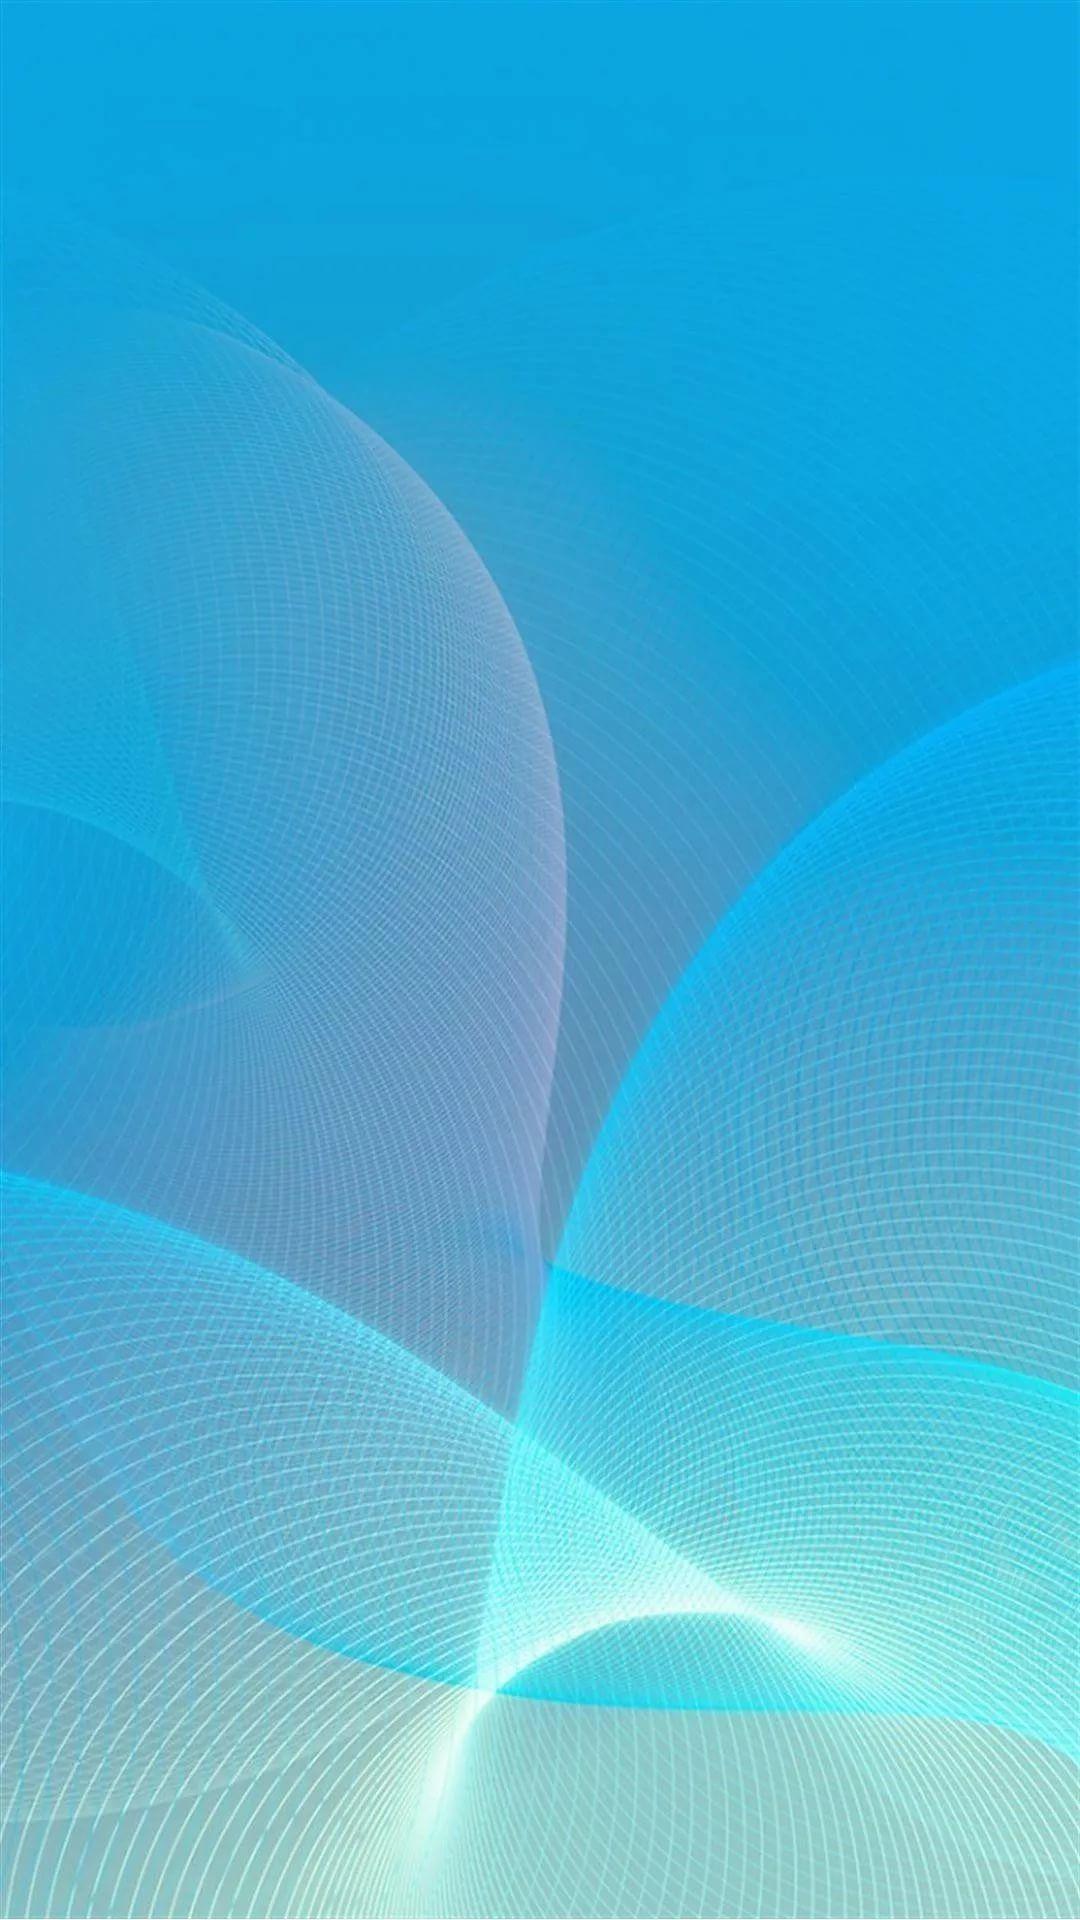 Light Blue iPhone hd wallpaper